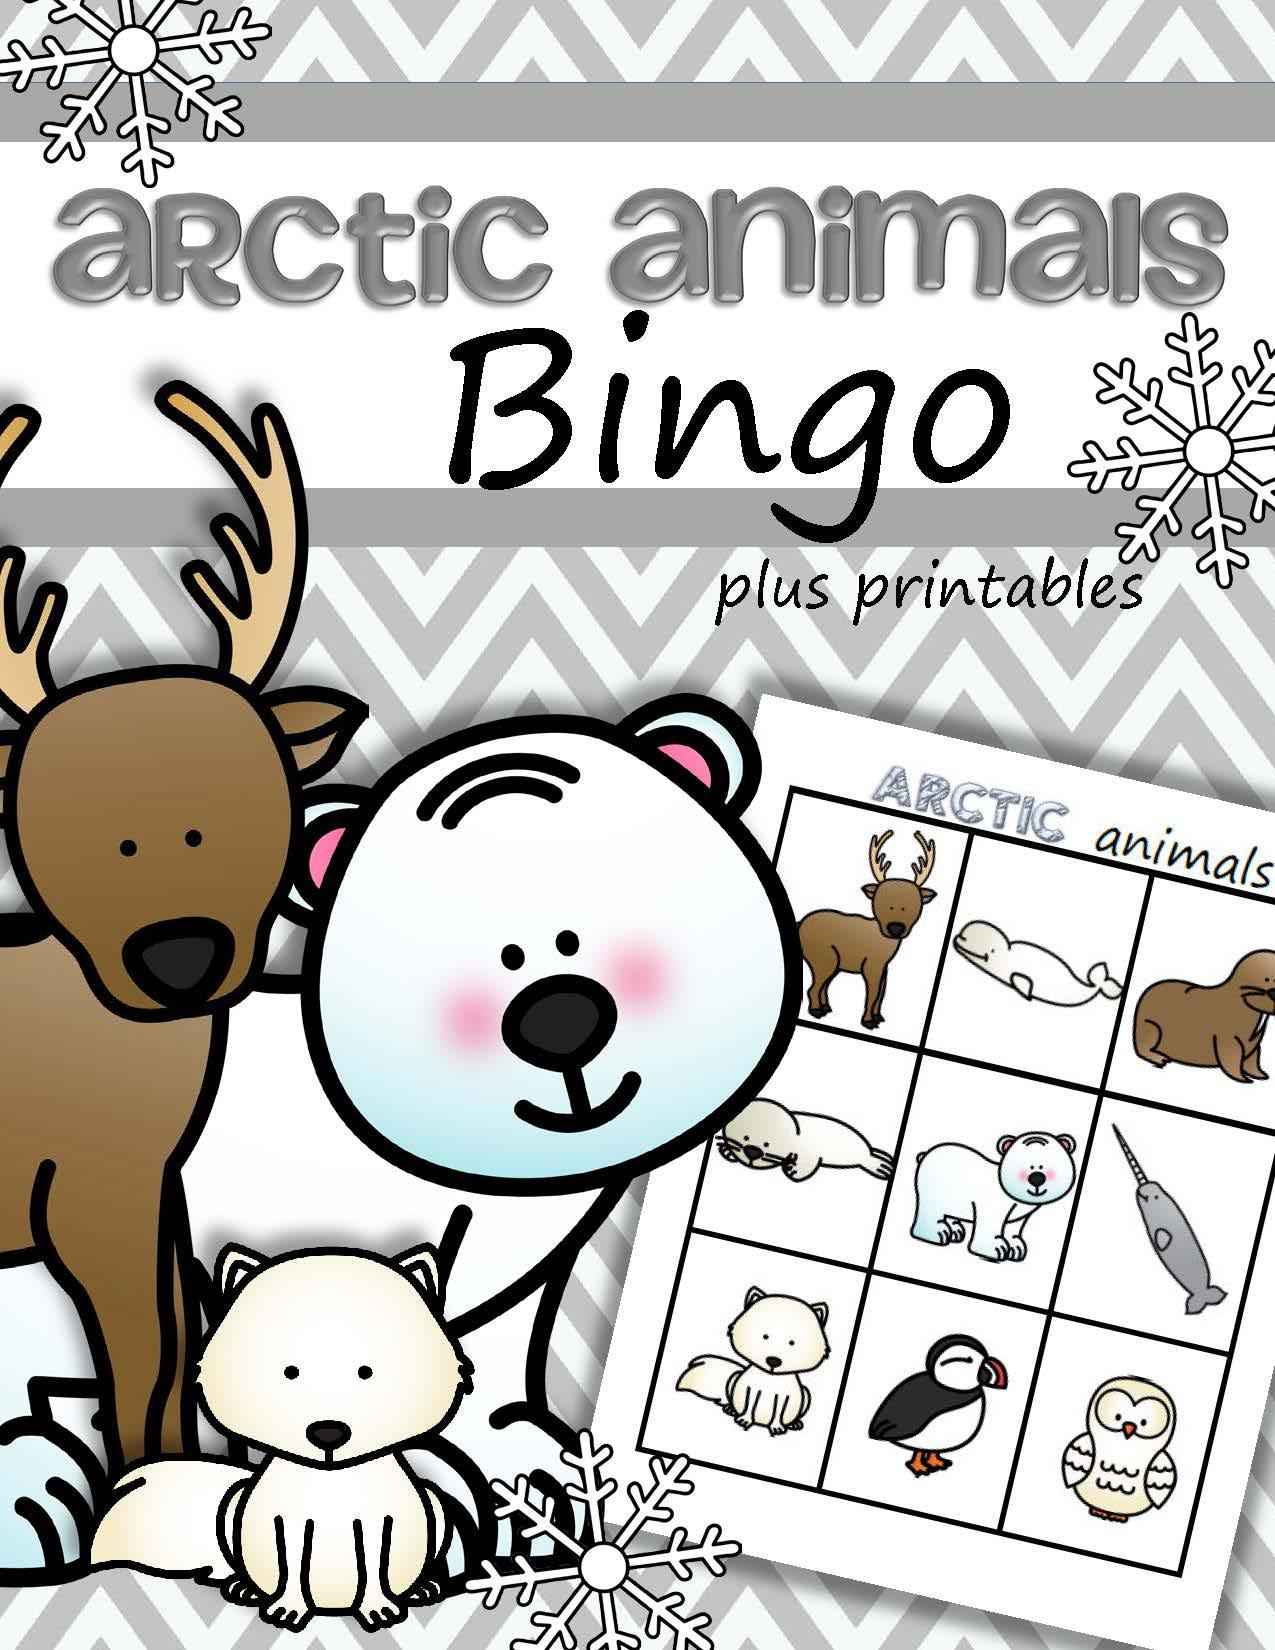 Arctic Animals Bingo Game